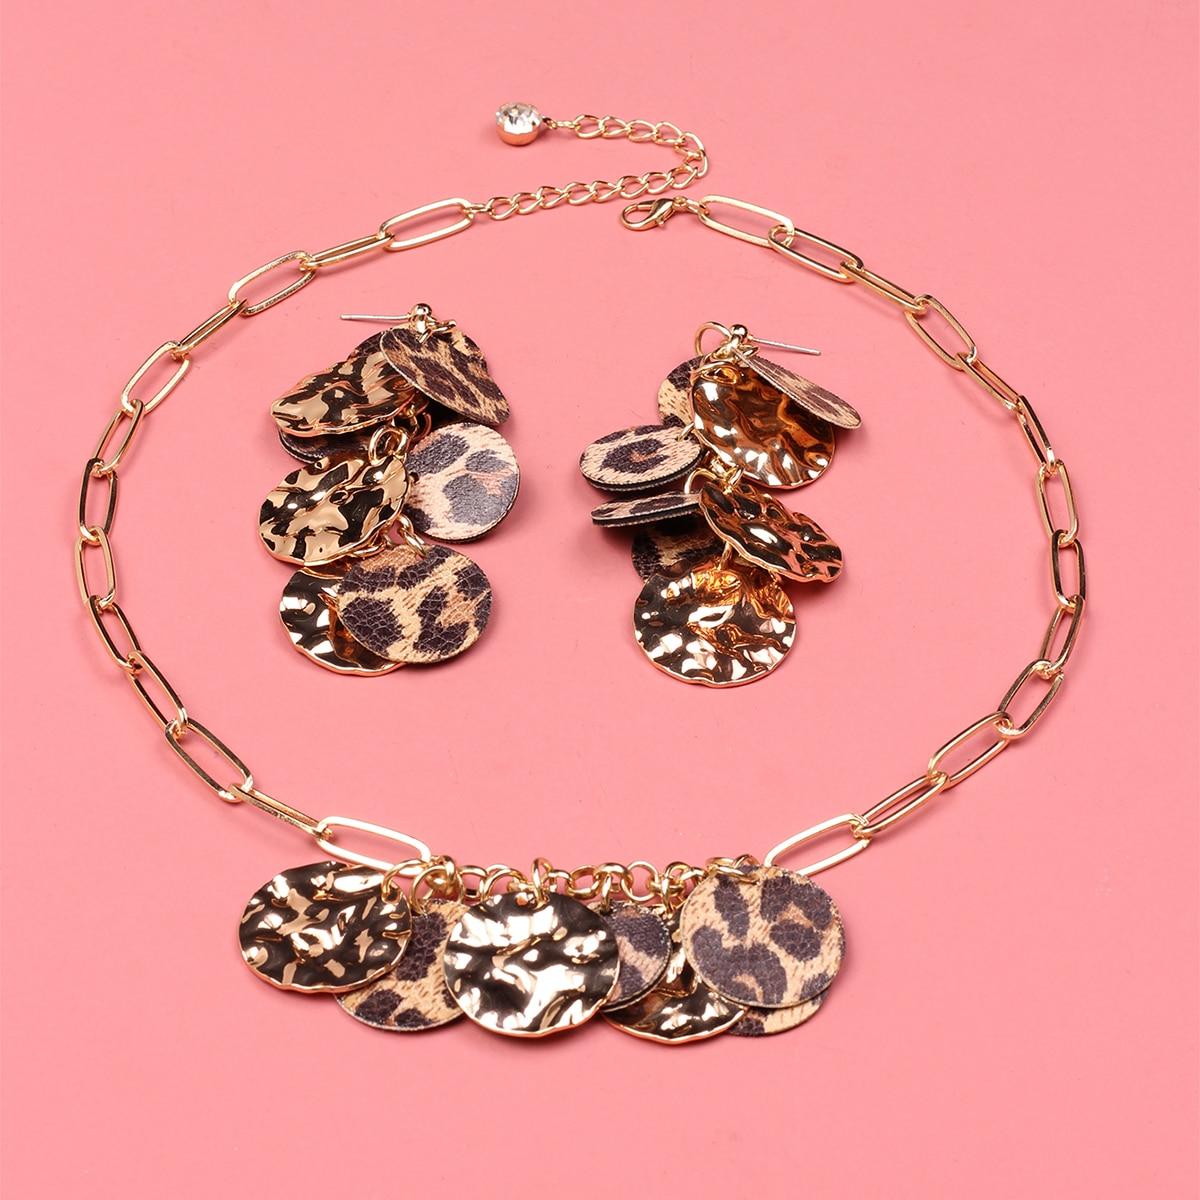 Серьги и ожерелье с круглым декором, леопардовым узором